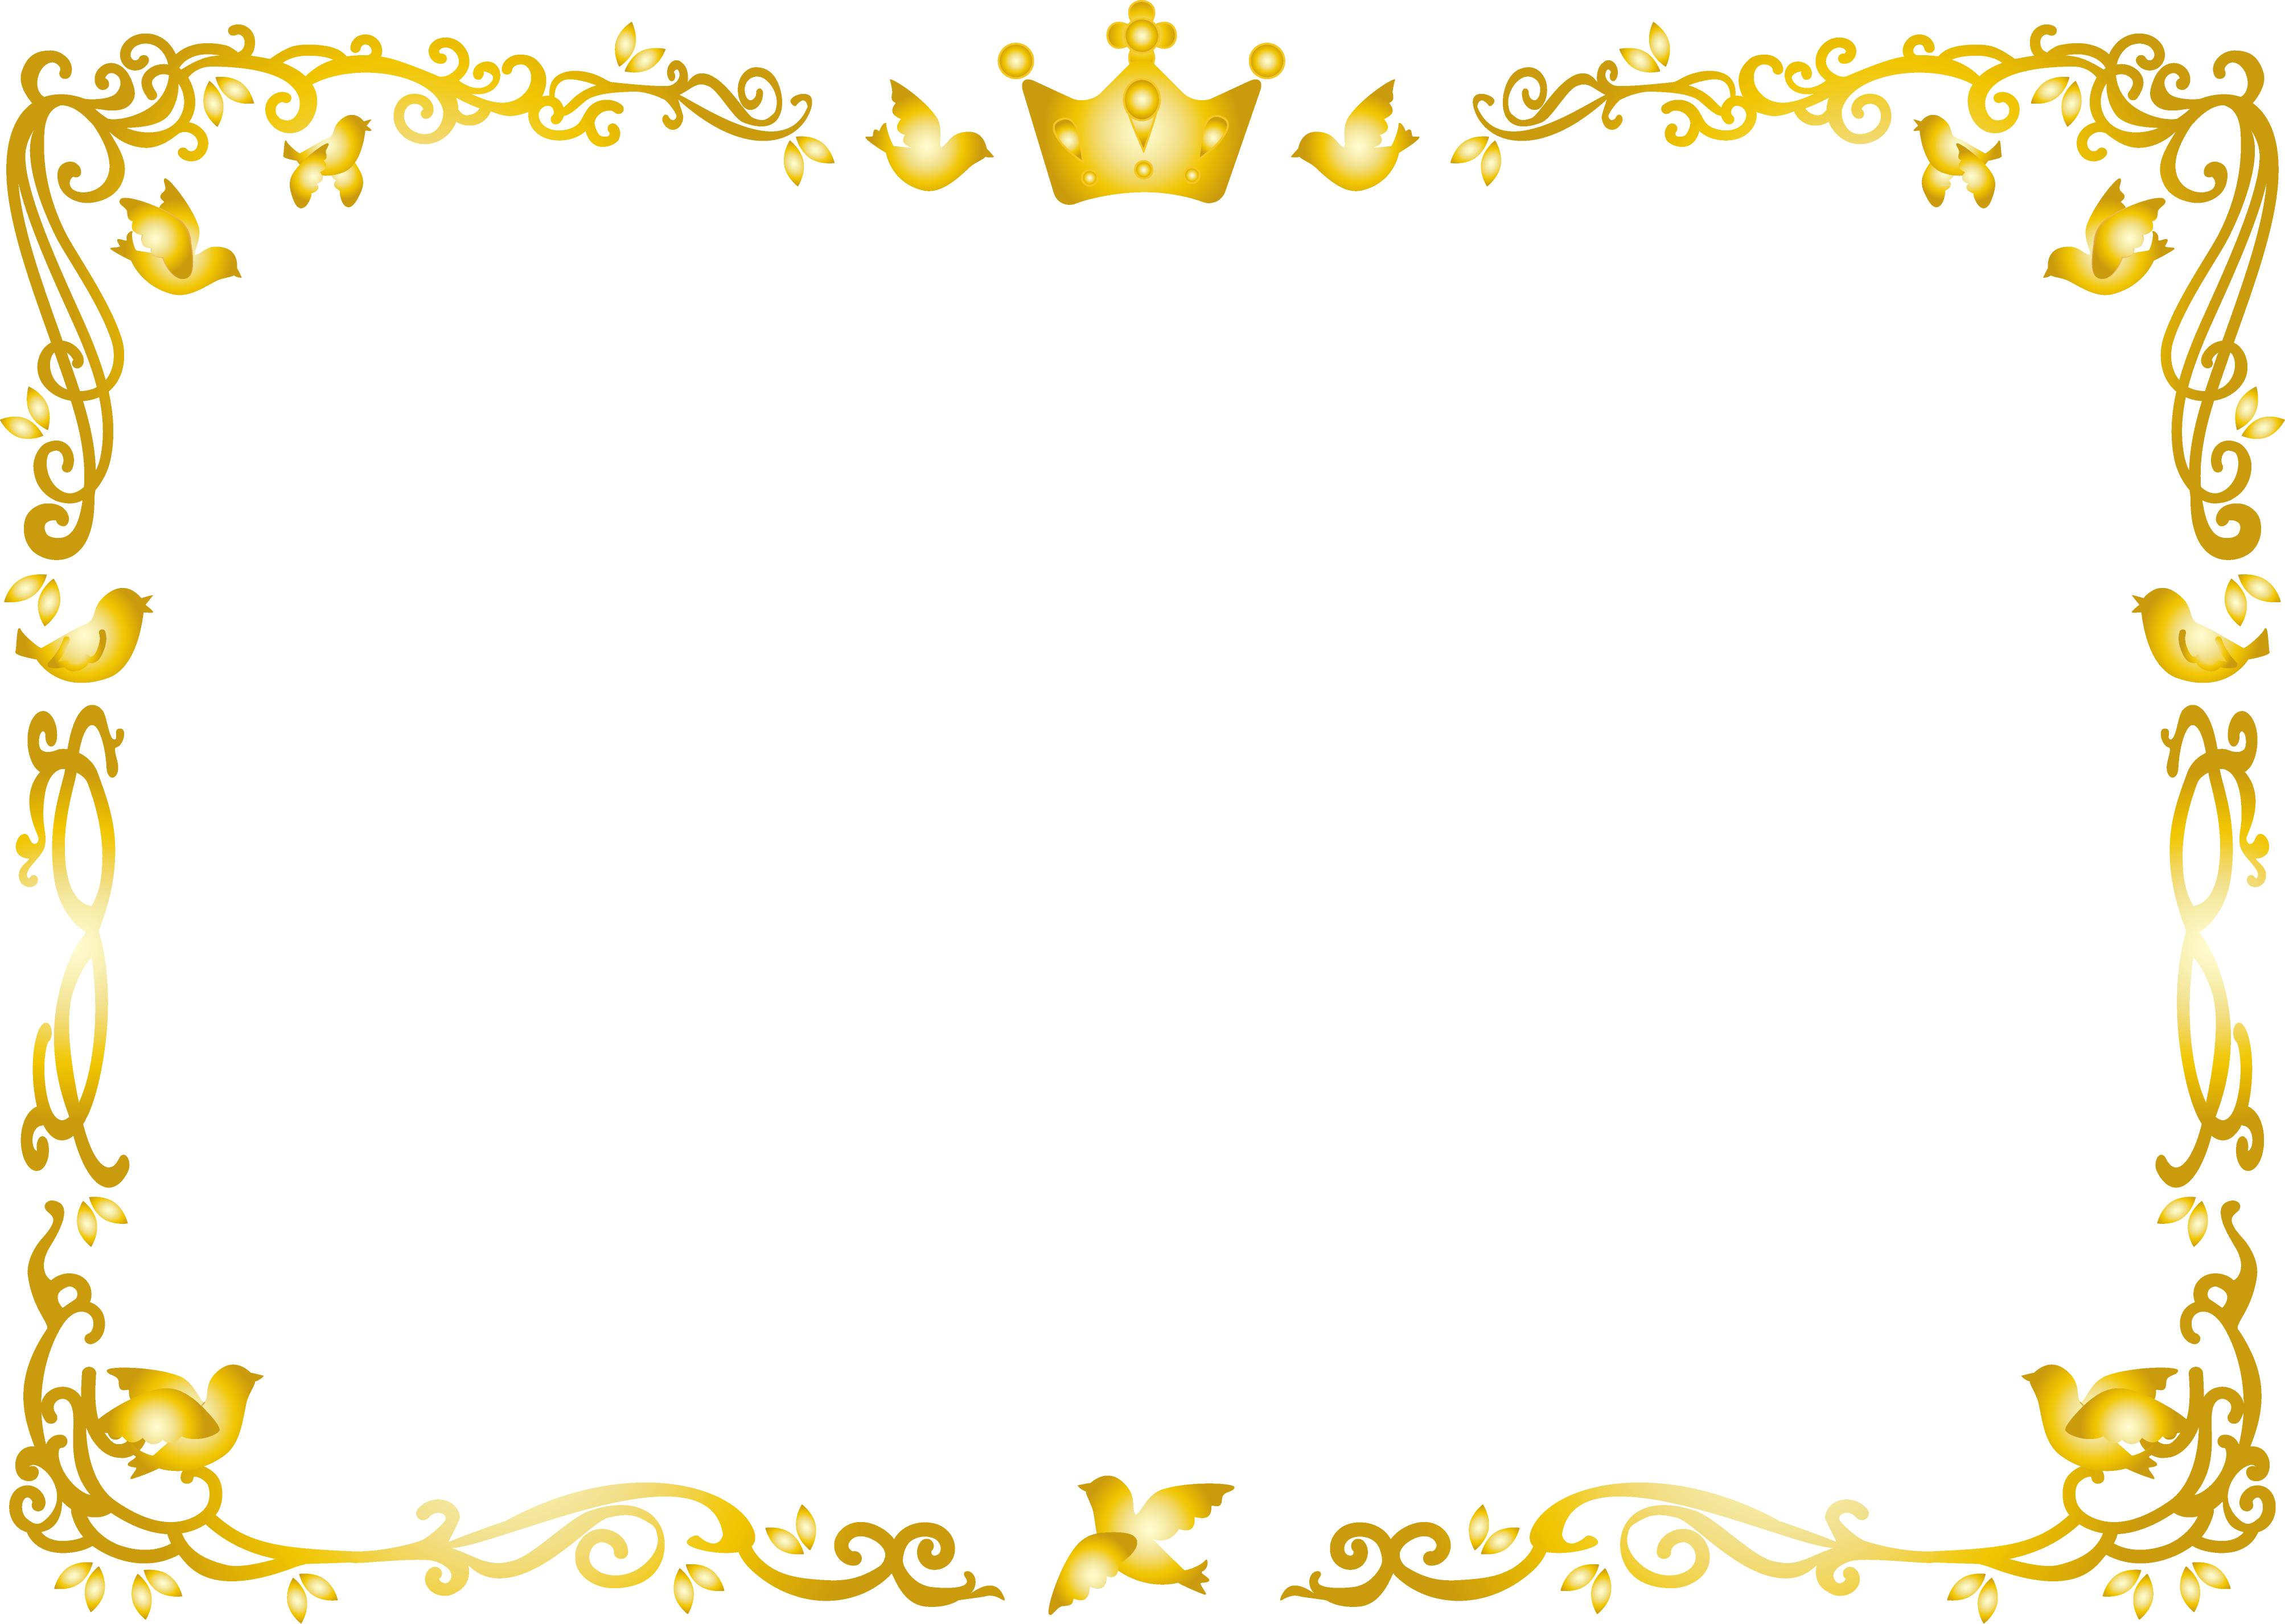 かわいい賞状枠表彰状 イラストpng画像テンプレート 無料ダウンロード